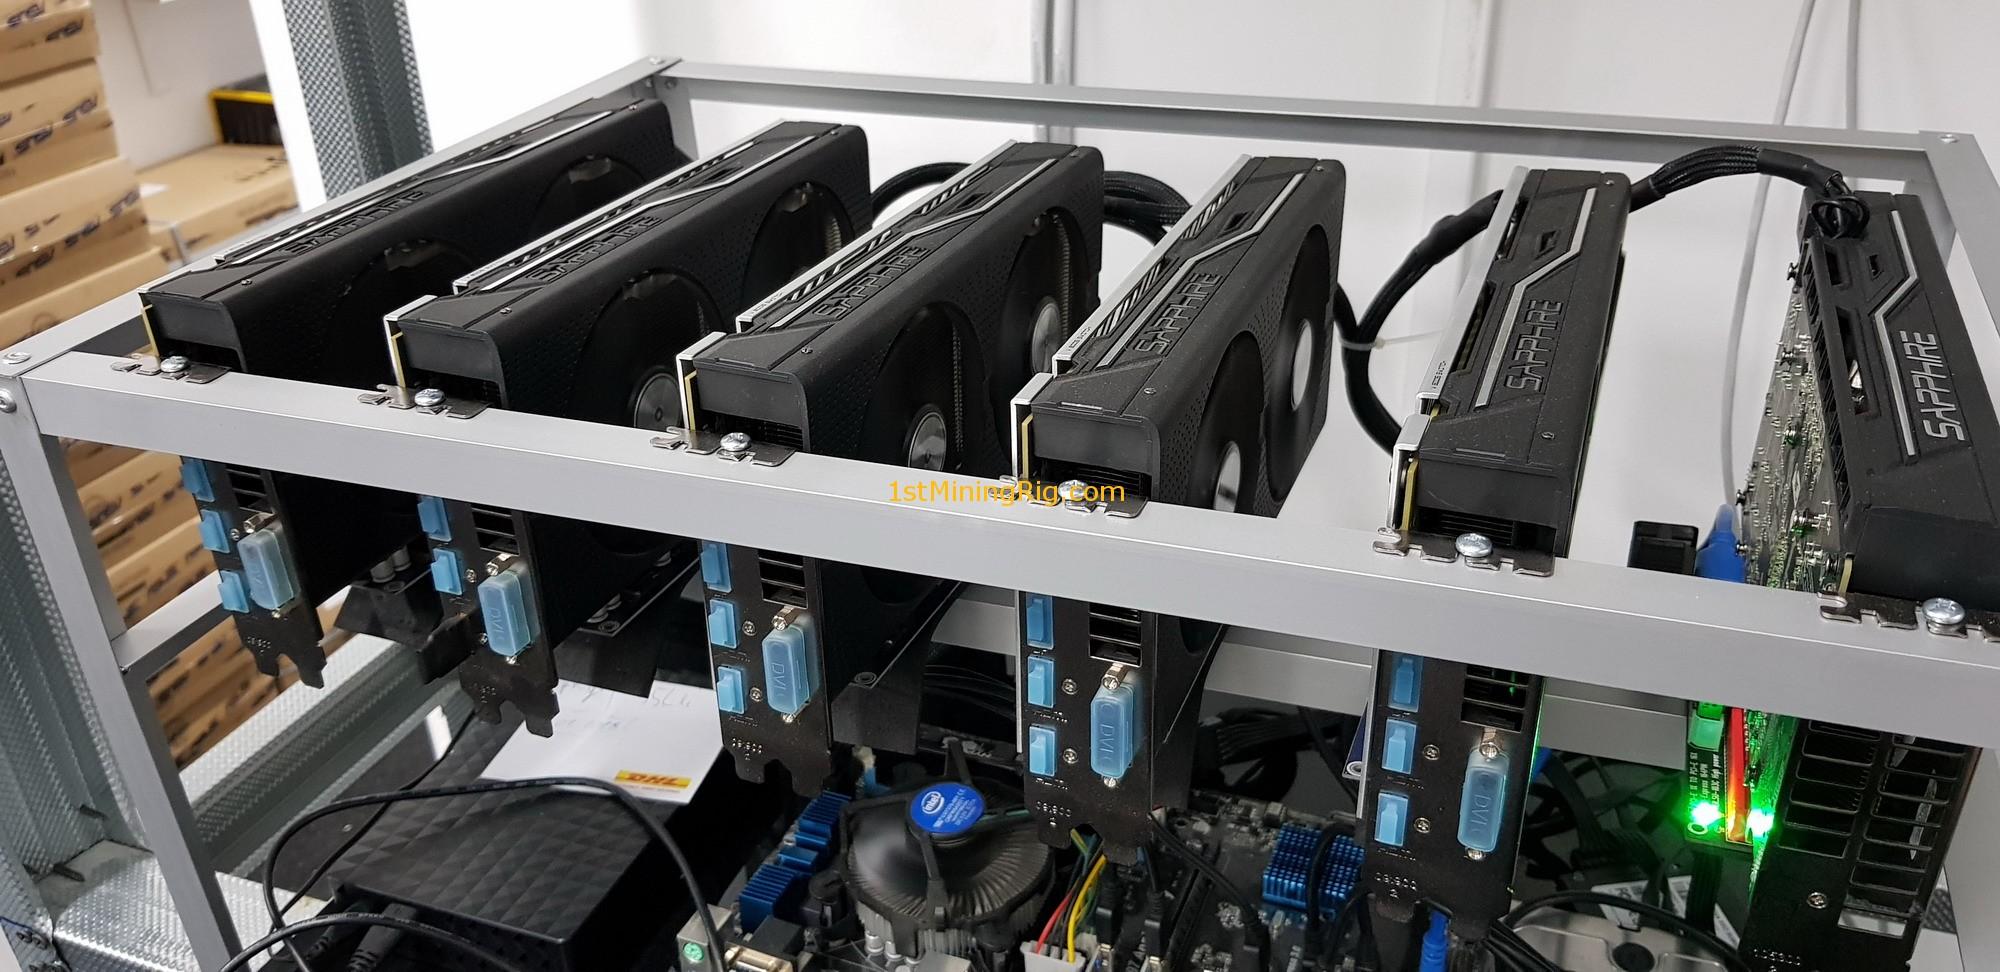 Ethereum Mining Rx 480 Or 470 Elpida 28 32mh Bios